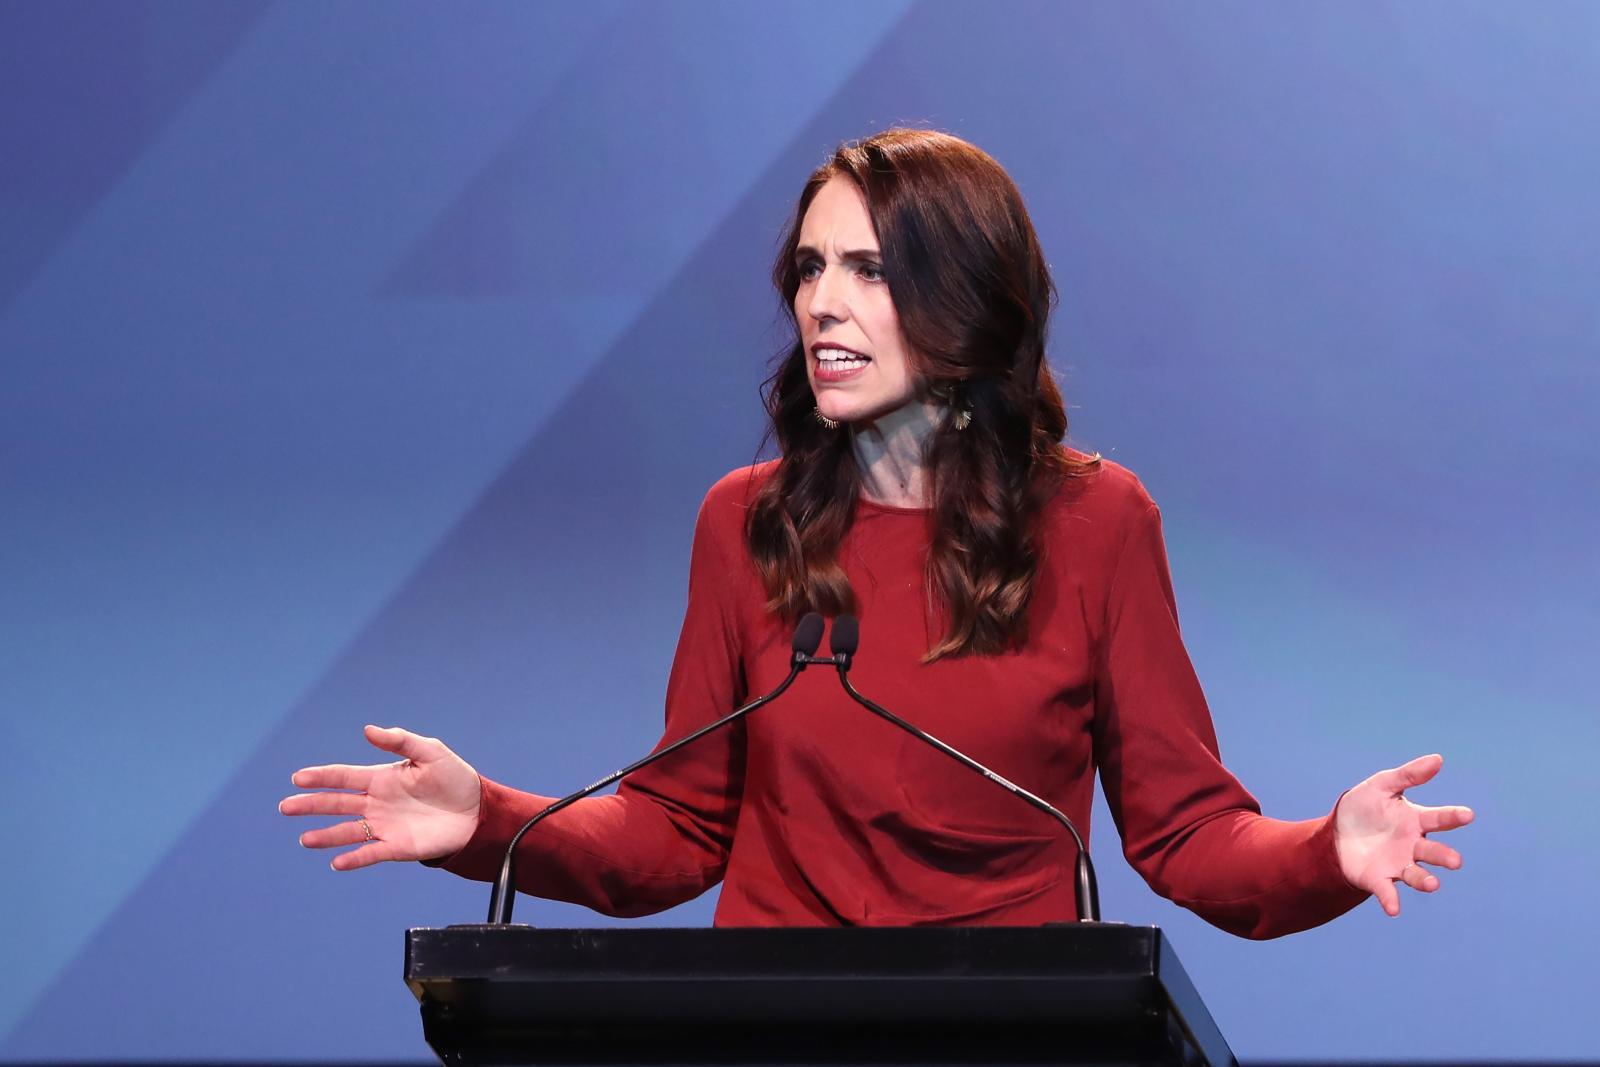 """""""จาซินดา อาร์เดิร์น"""" นายกฯนิวซีแลนด์ คว้าชัยชนะเลือกตั้งถล่มทลาย"""